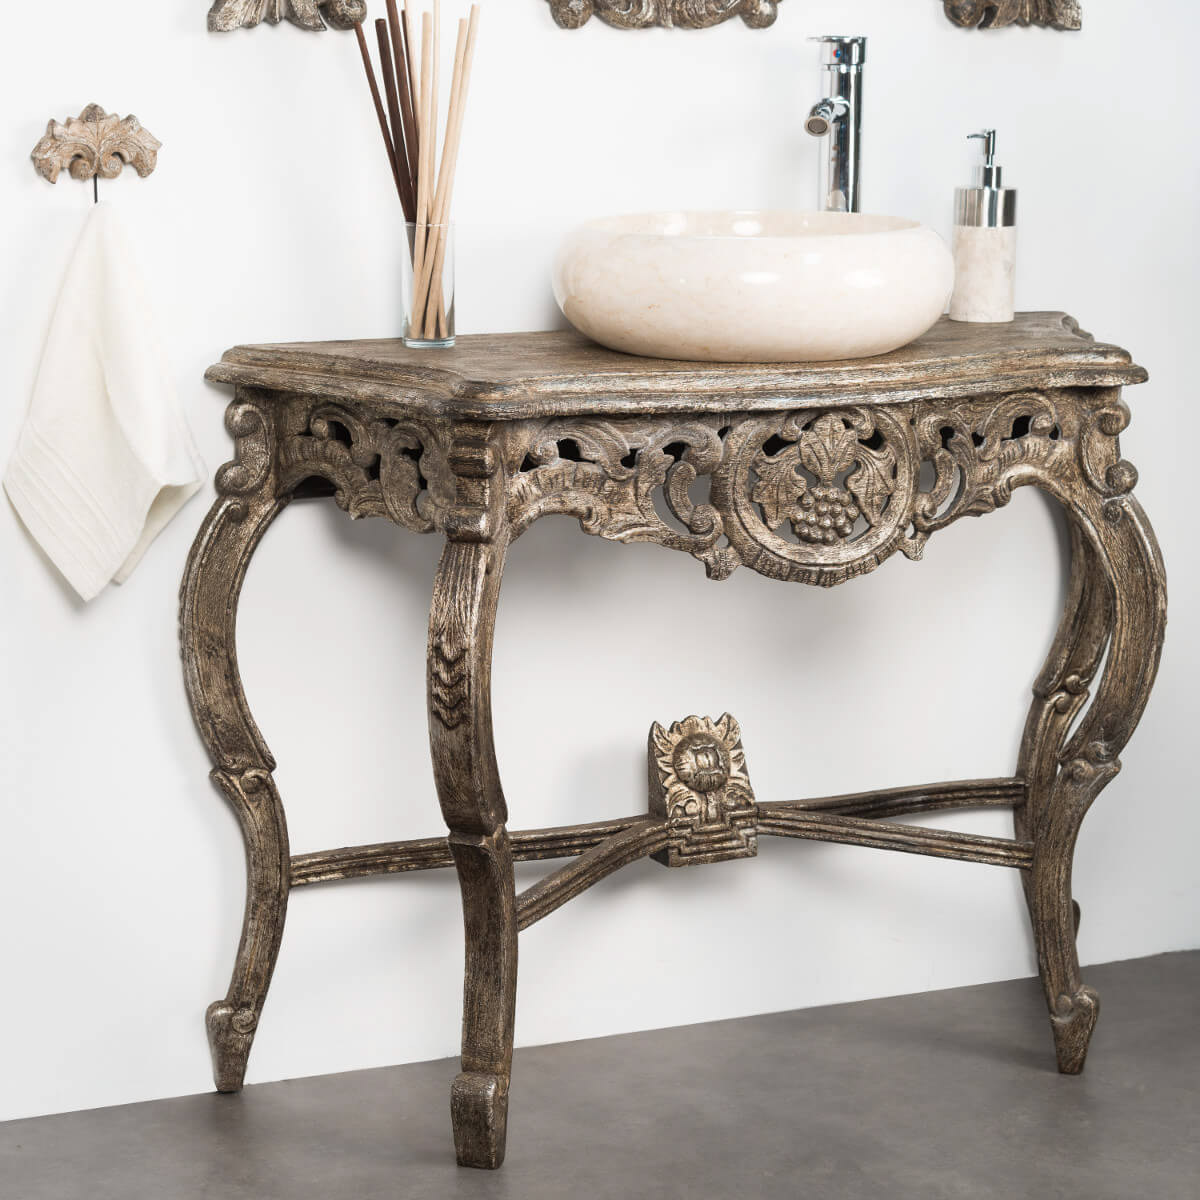 Salle de bain baroque meilleures images d 39 inspiration - Meuble de salle de bain style baroque ...